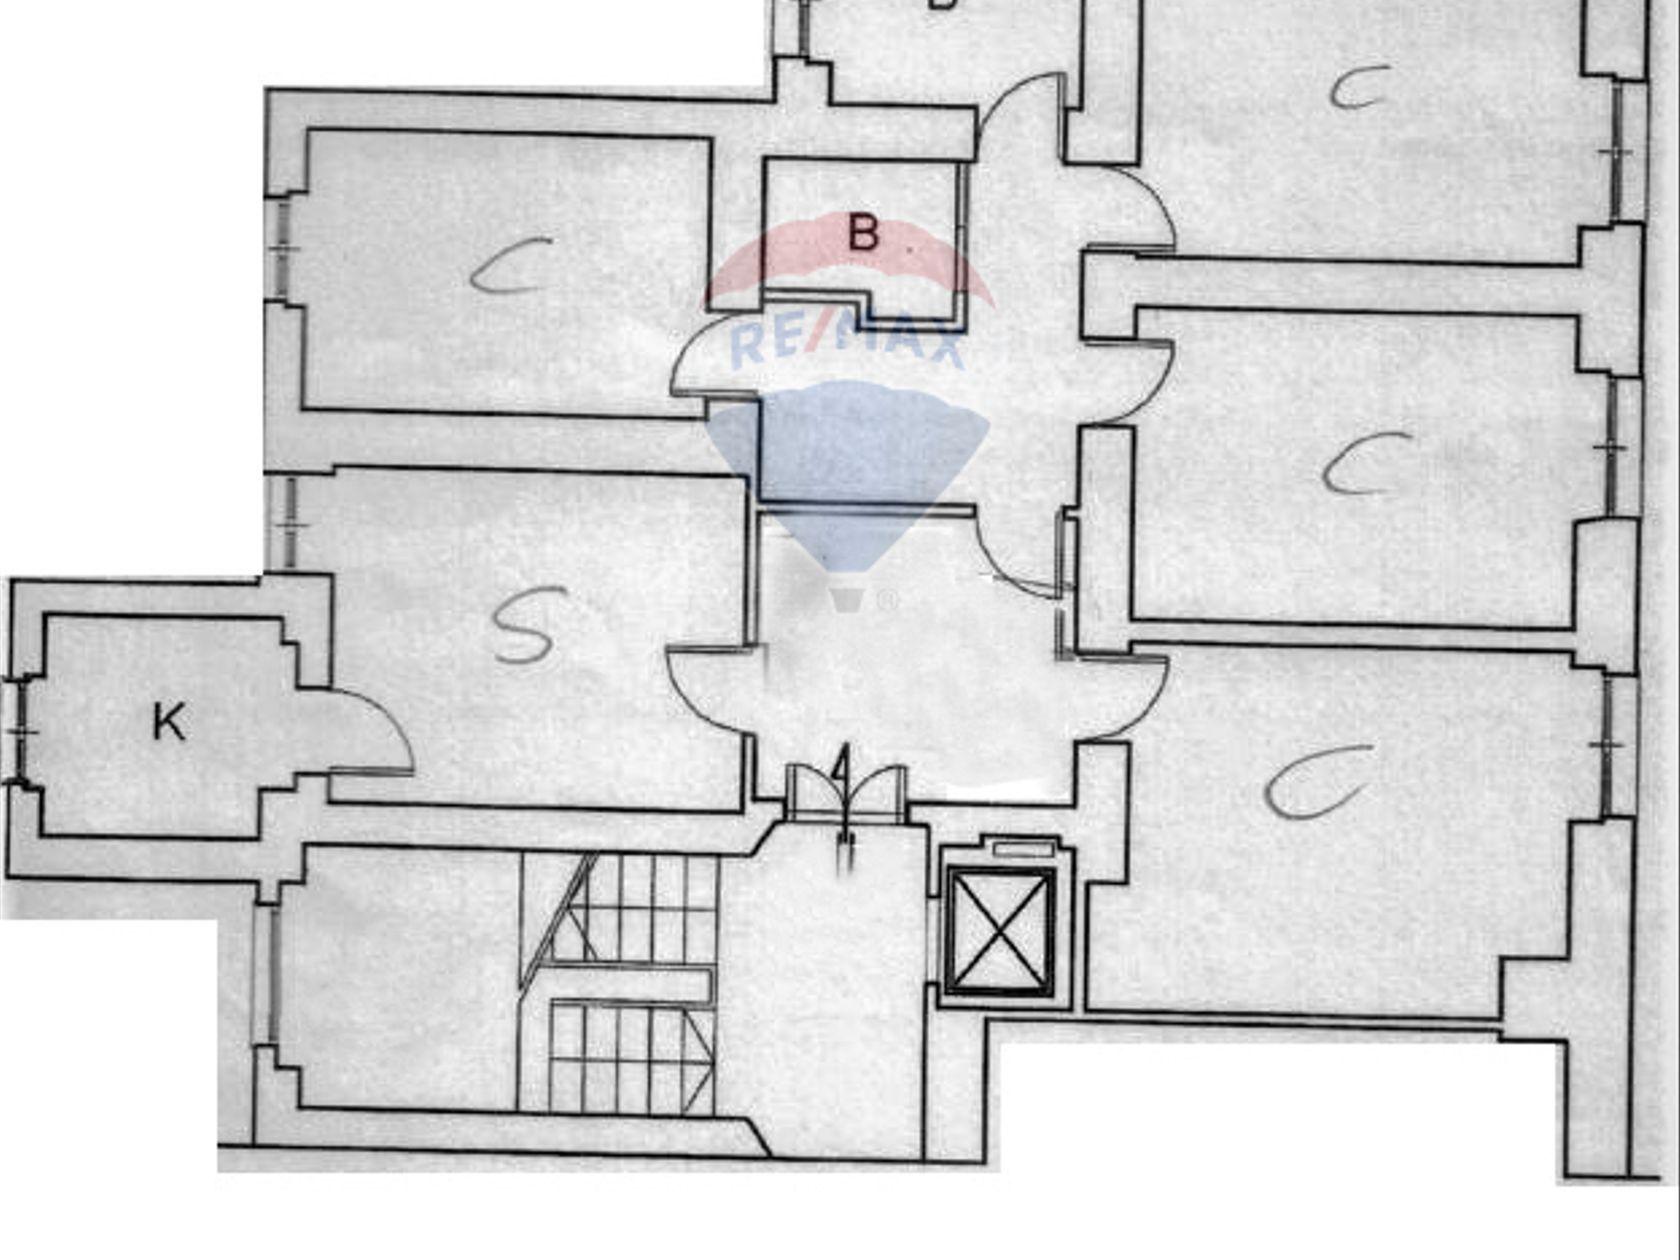 Appartamento San Lorenzo, Roma, RM Vendita - Planimetria 1